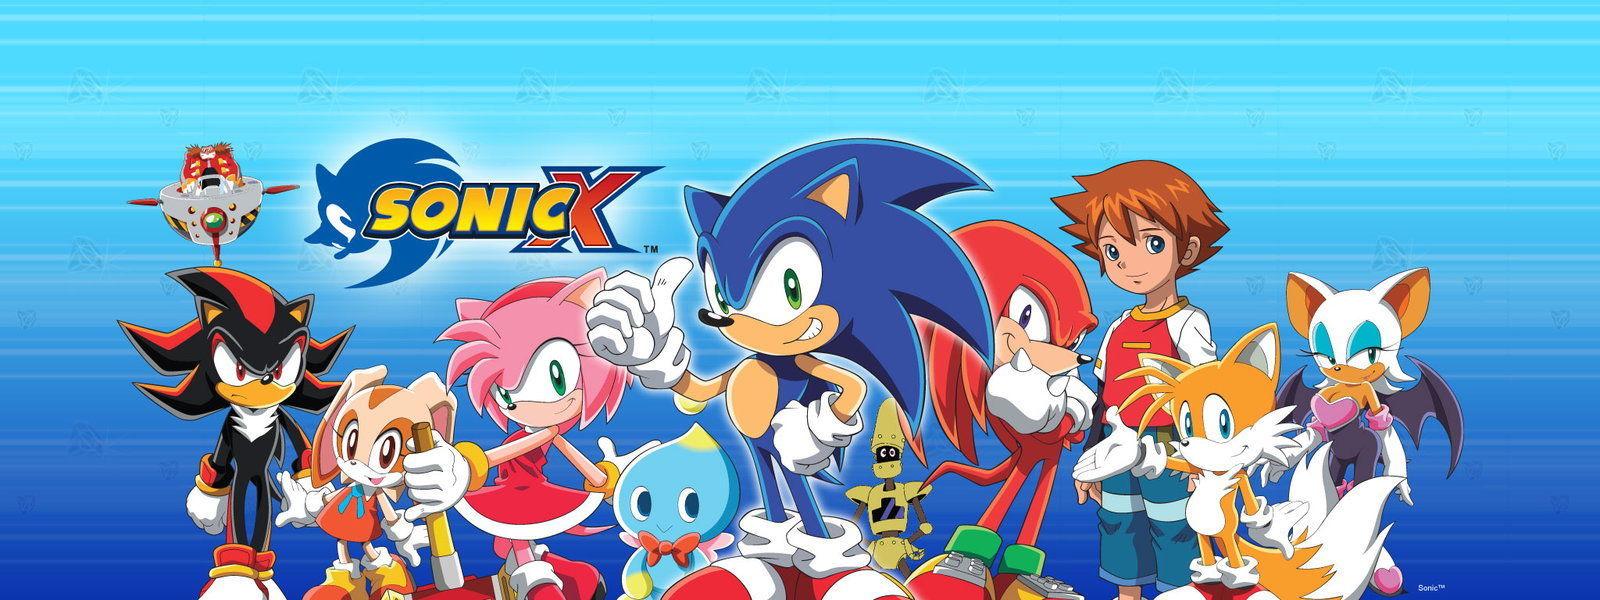 El anime de Sonic X guarda relación con 3 juegos de Sonic, pero uno de los que está en esta lista no es. Indentificalo.